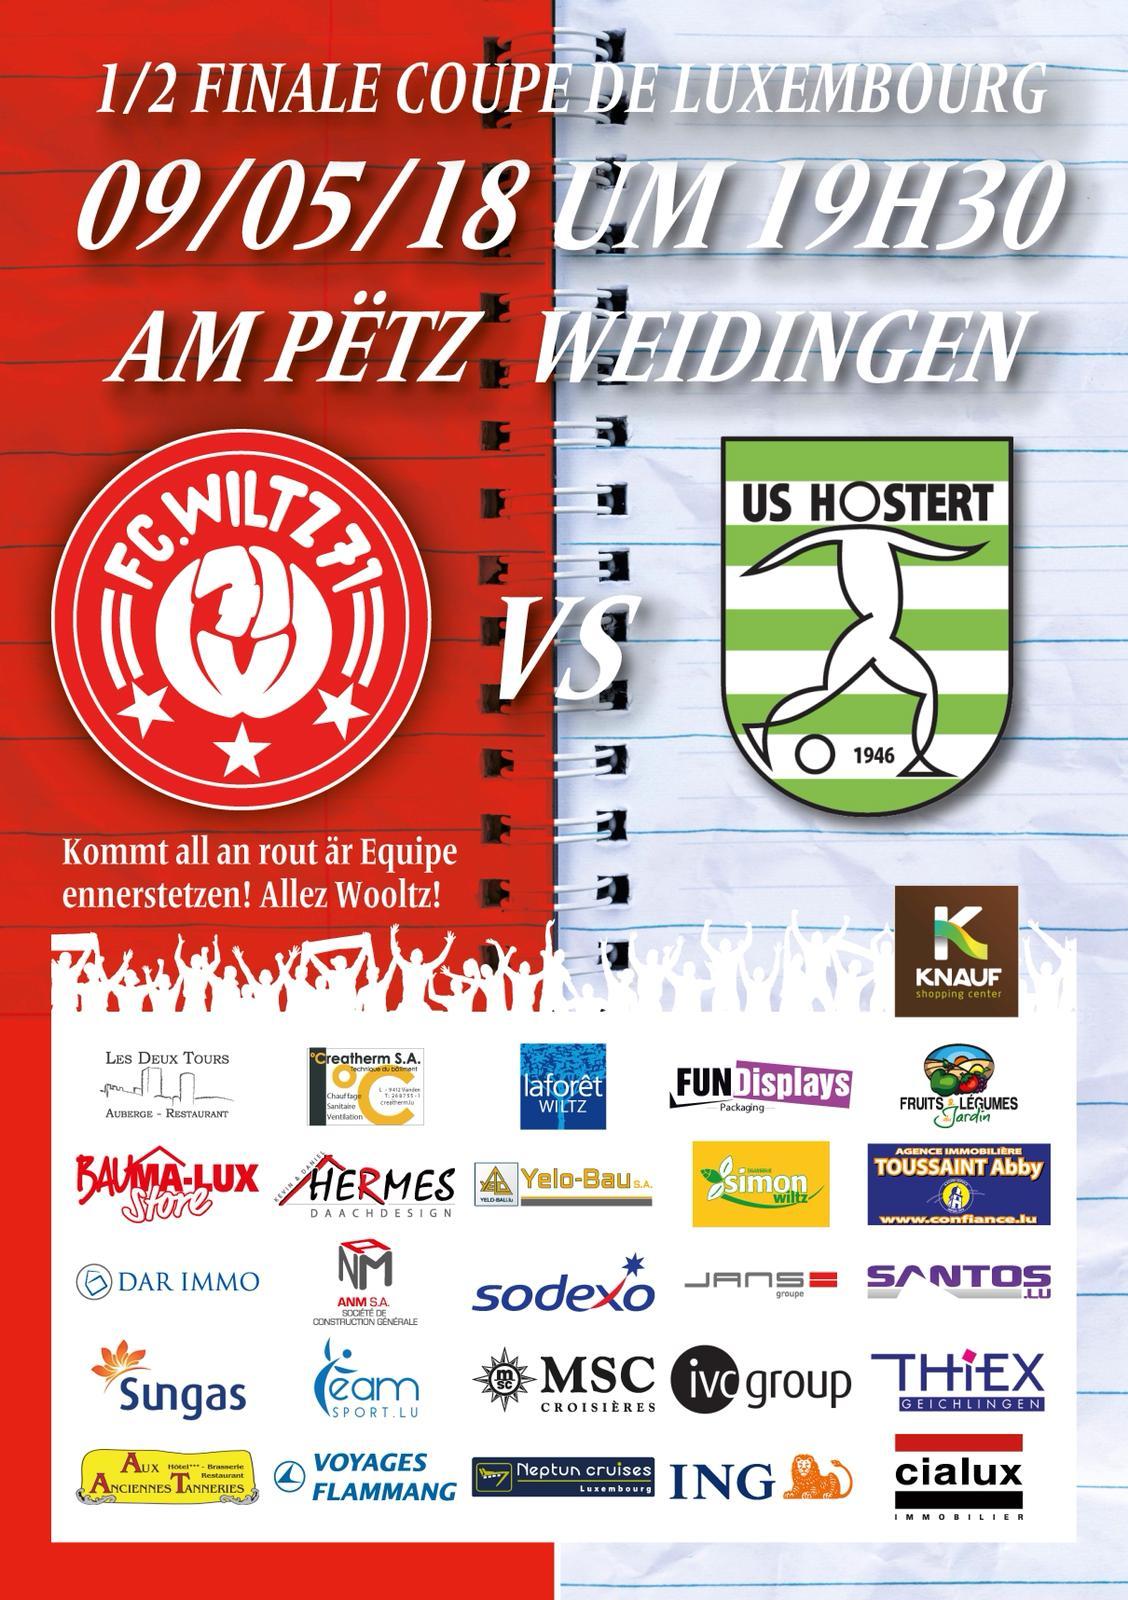 1/2 Finale Coupe de Luxembourg - FC Wooltz 71 vs US Hueschtert